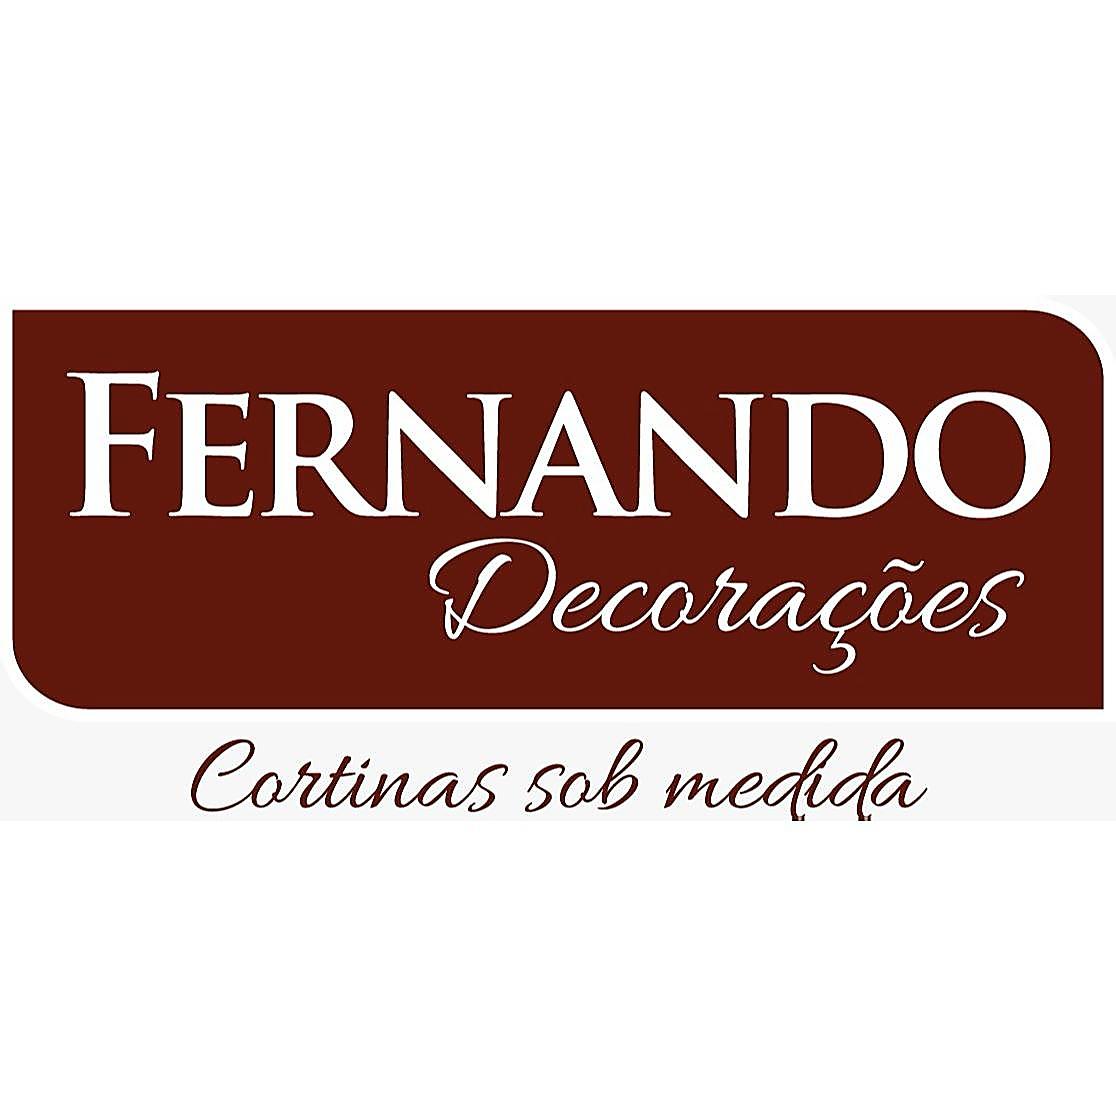 Fernando Decoraçoes